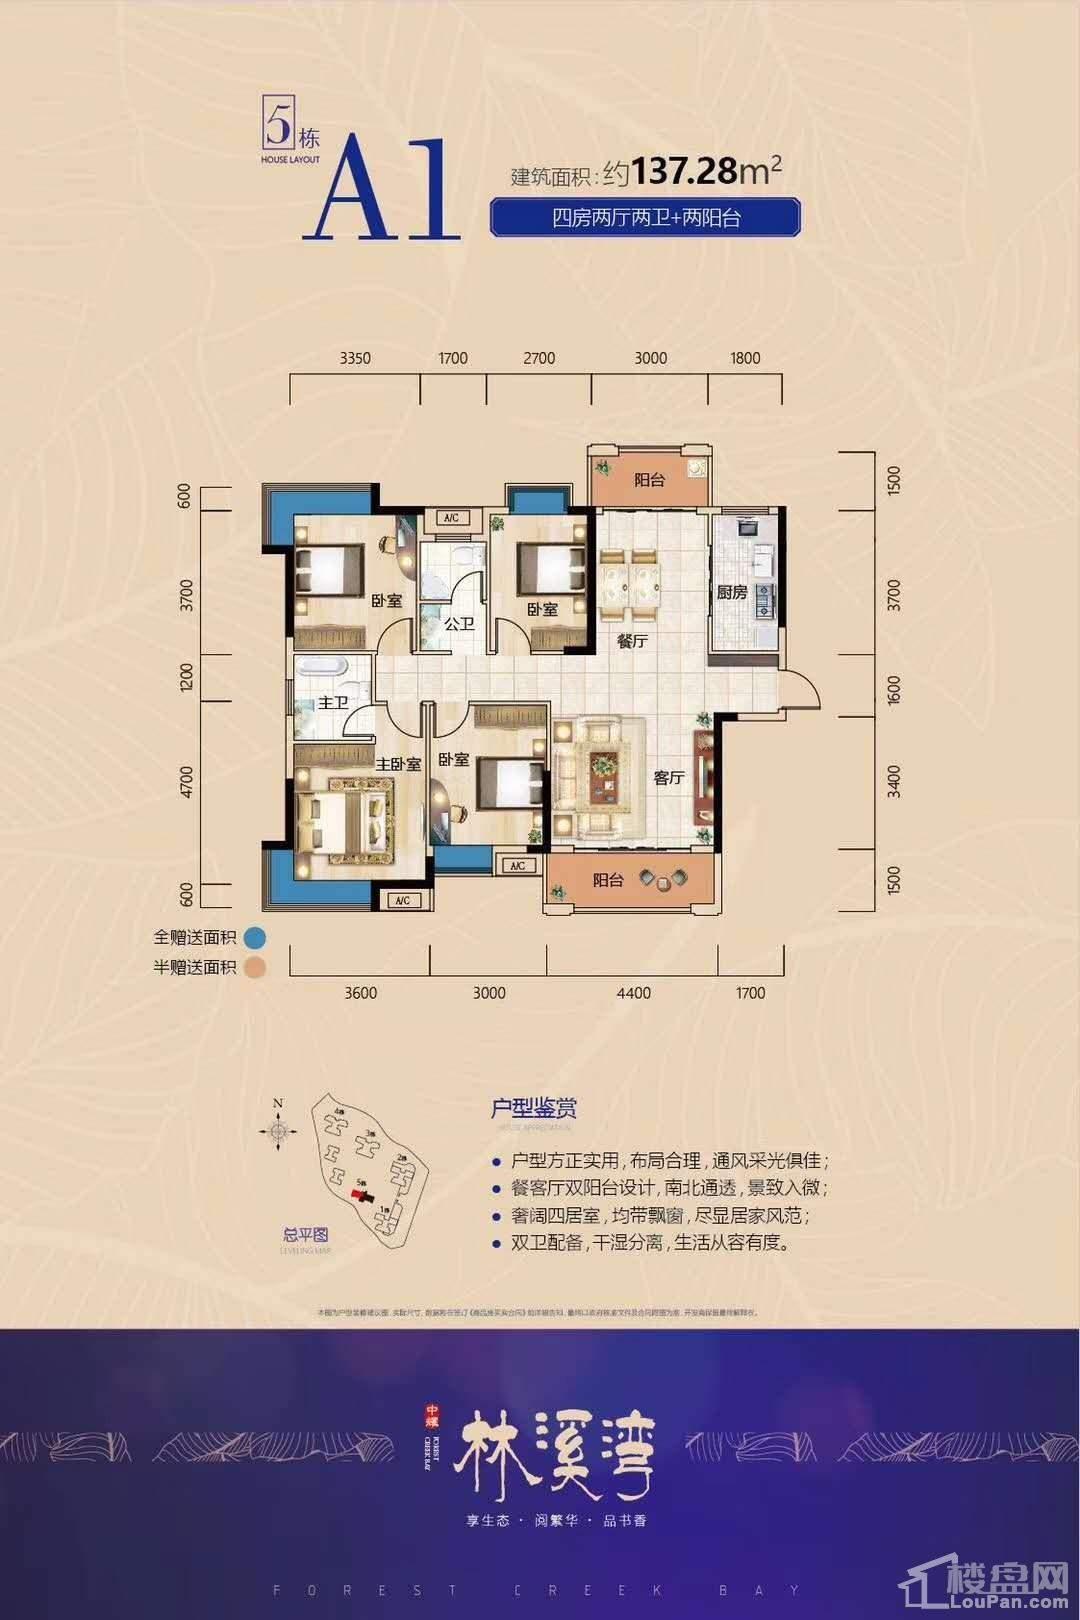 中耀·林溪湾5栋A1户型